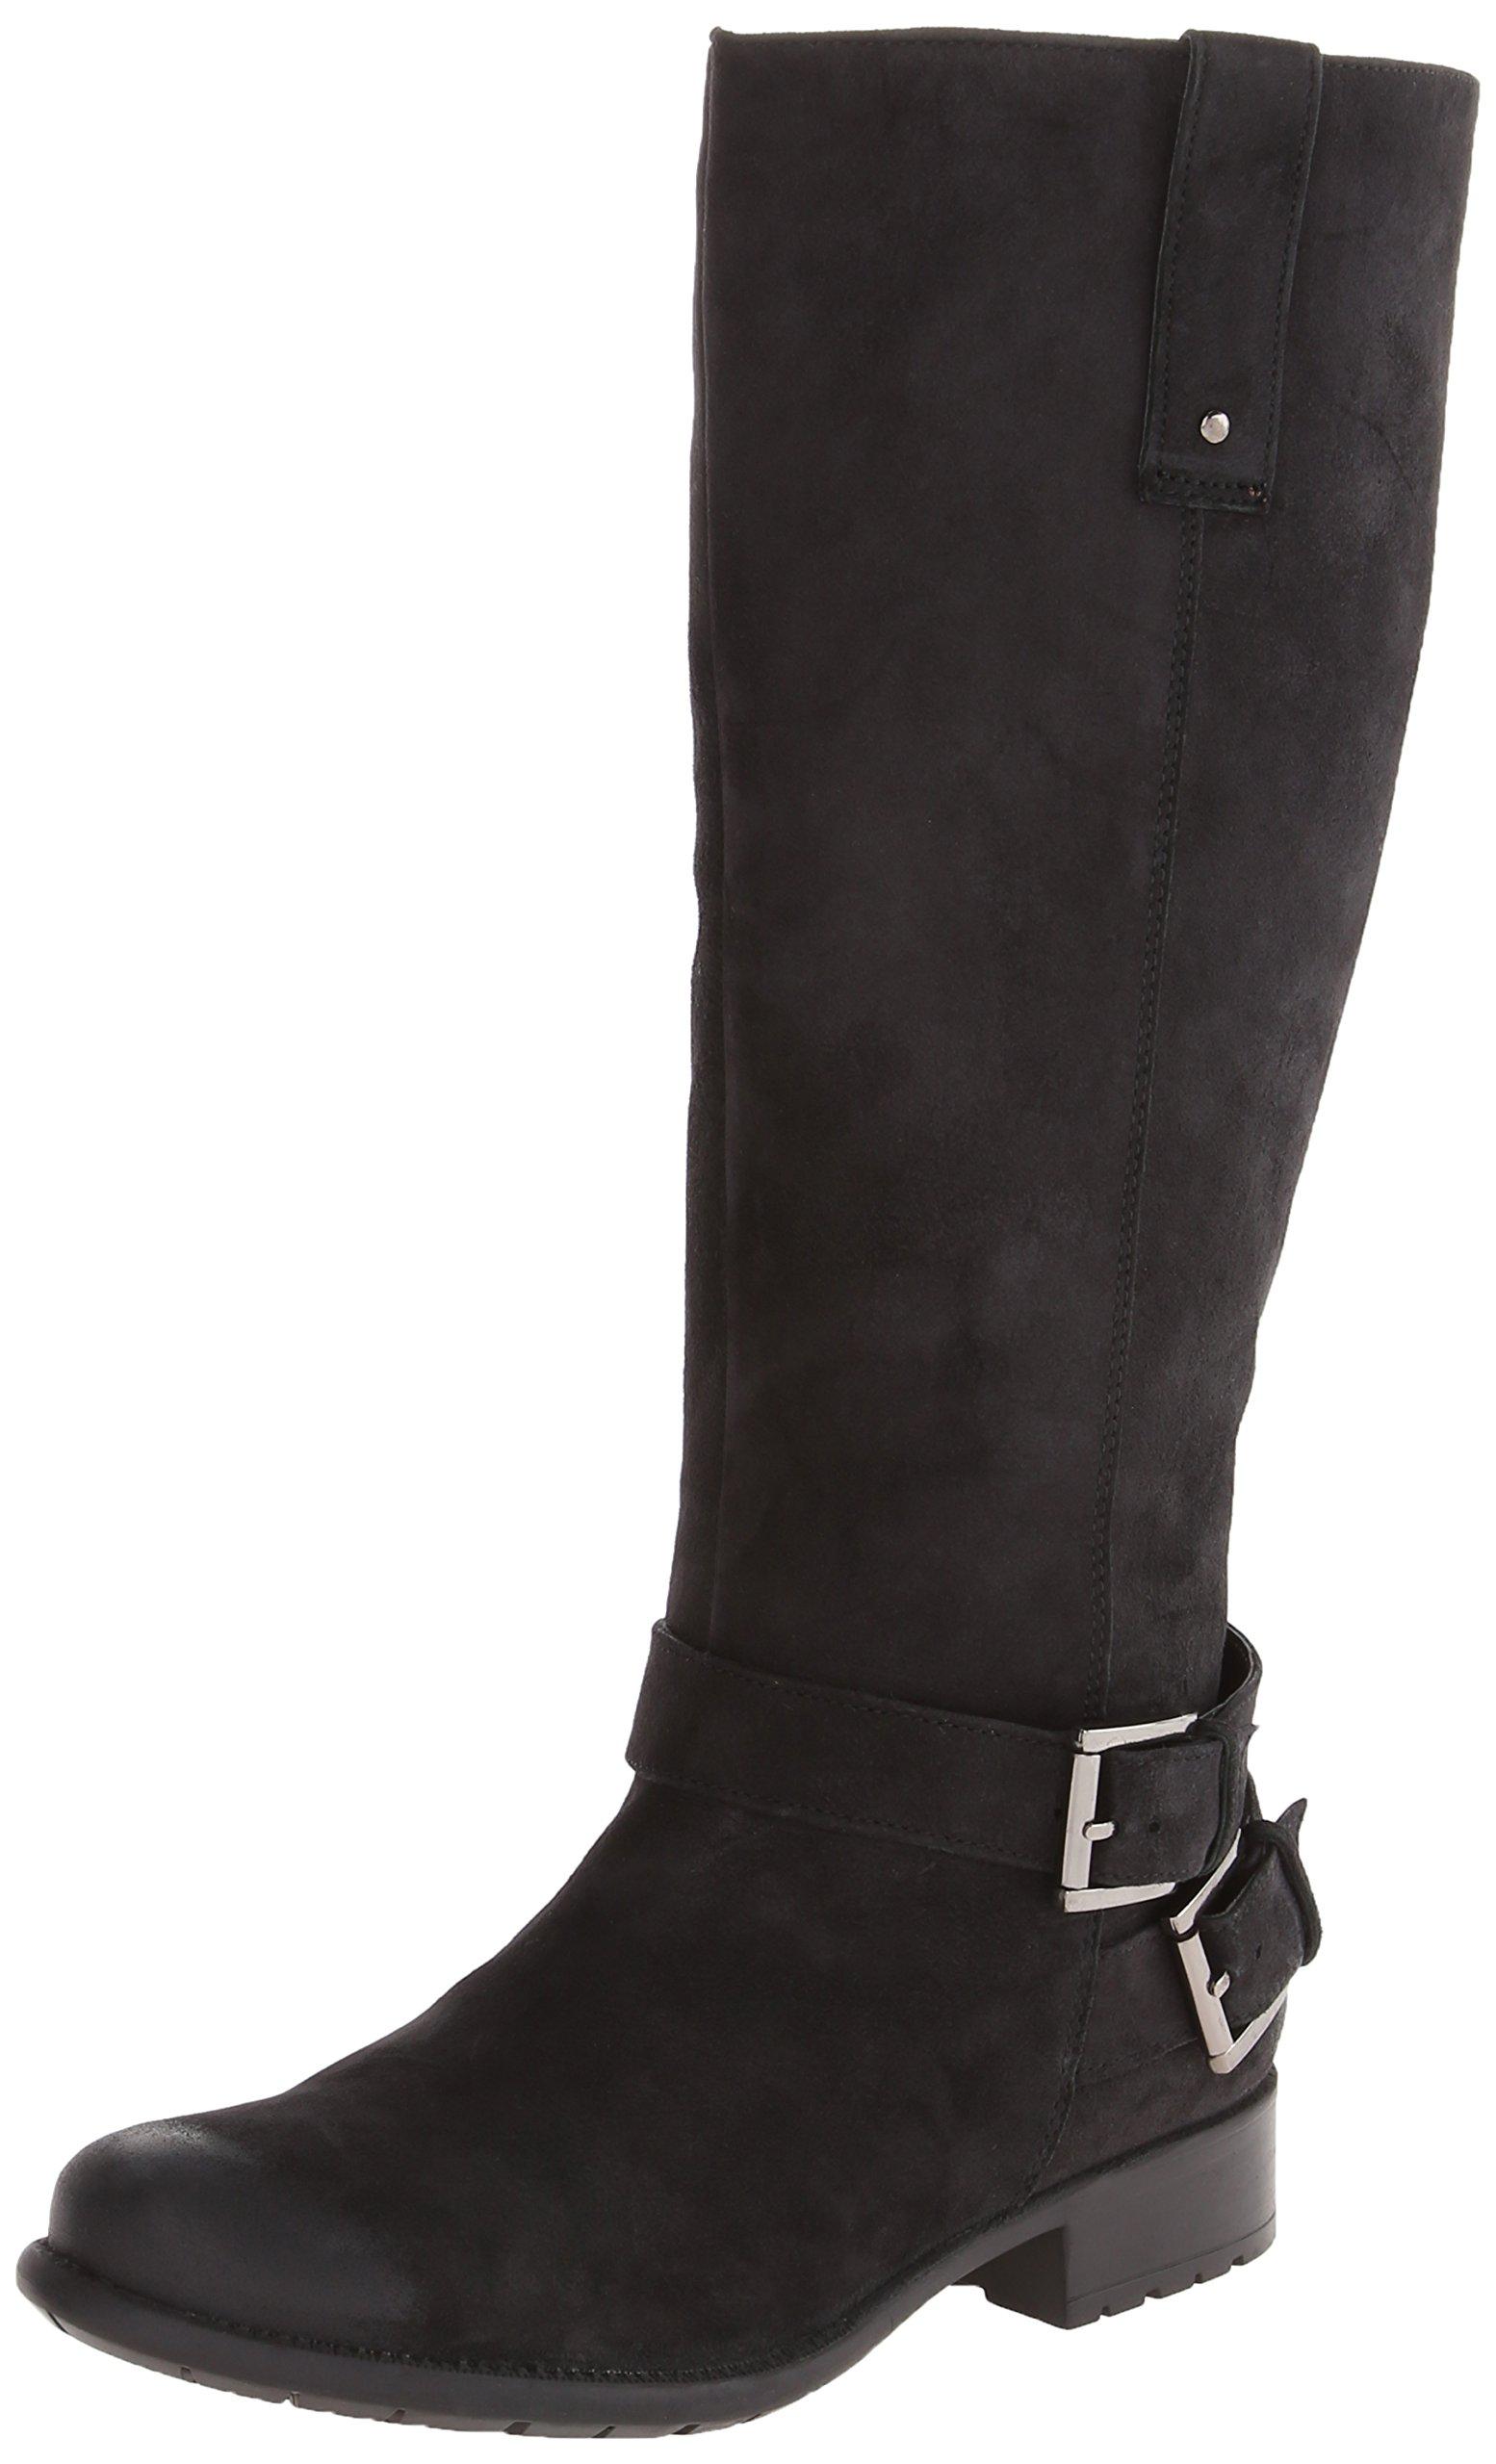 CLARKS Women's Plaza Steer Boot,Black,6 M US